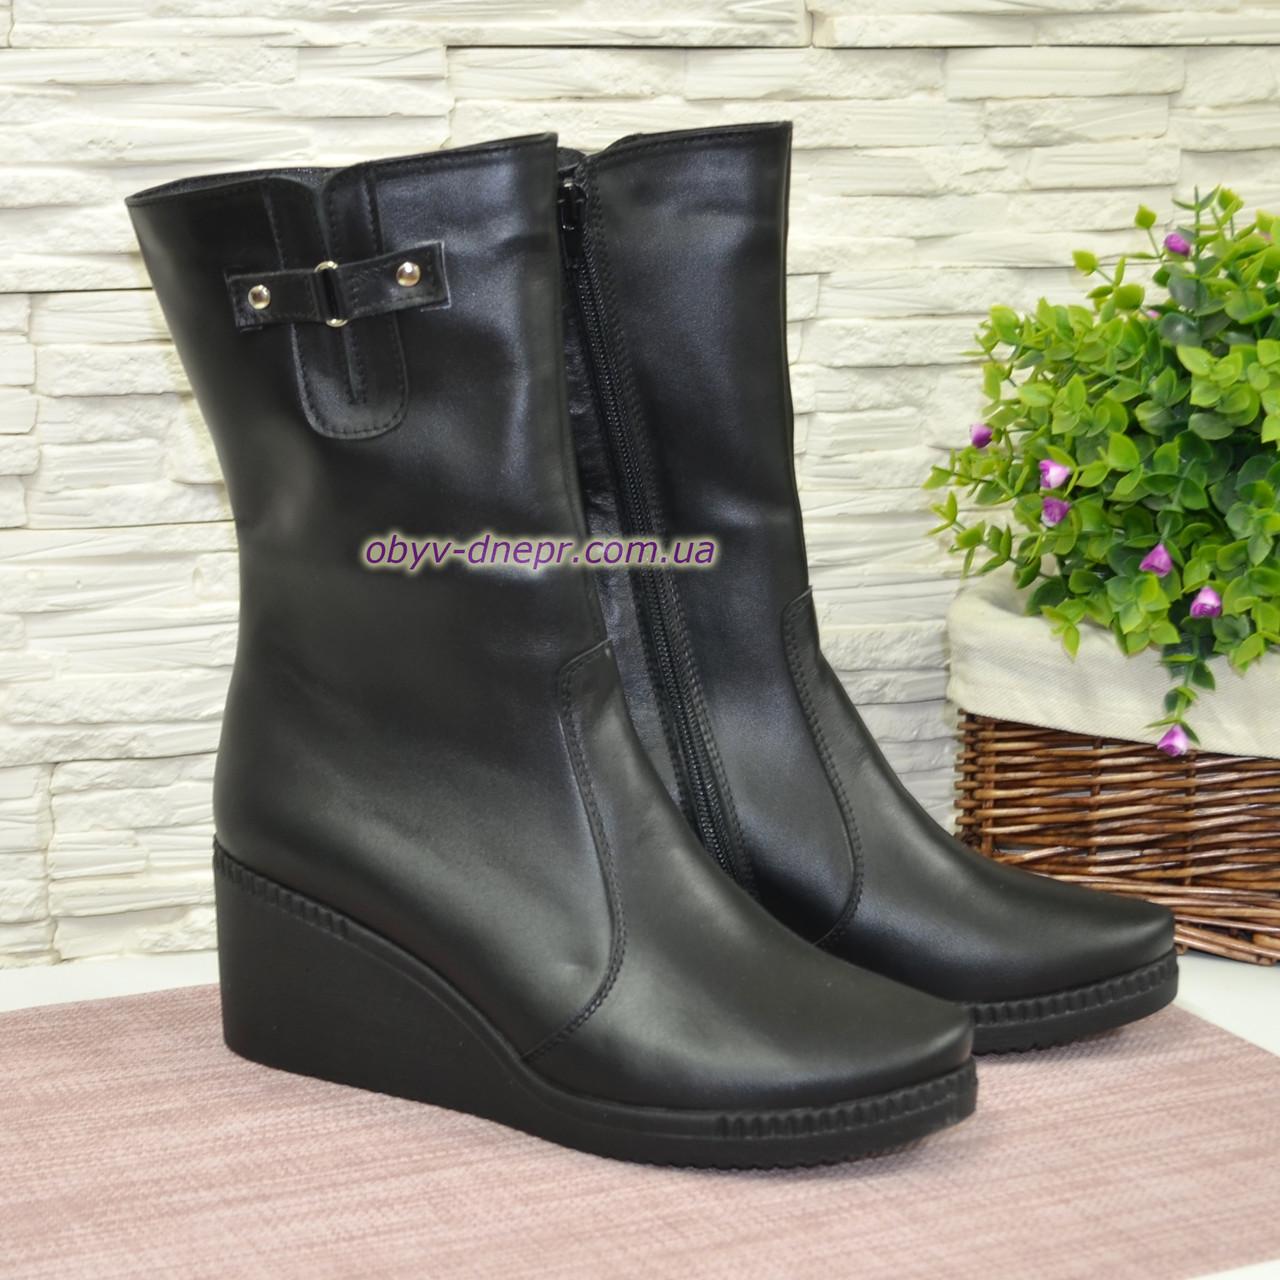 6bc3ade9e Женские демисезонные кожаные ботинки на танкетке: продажа, цена в ...